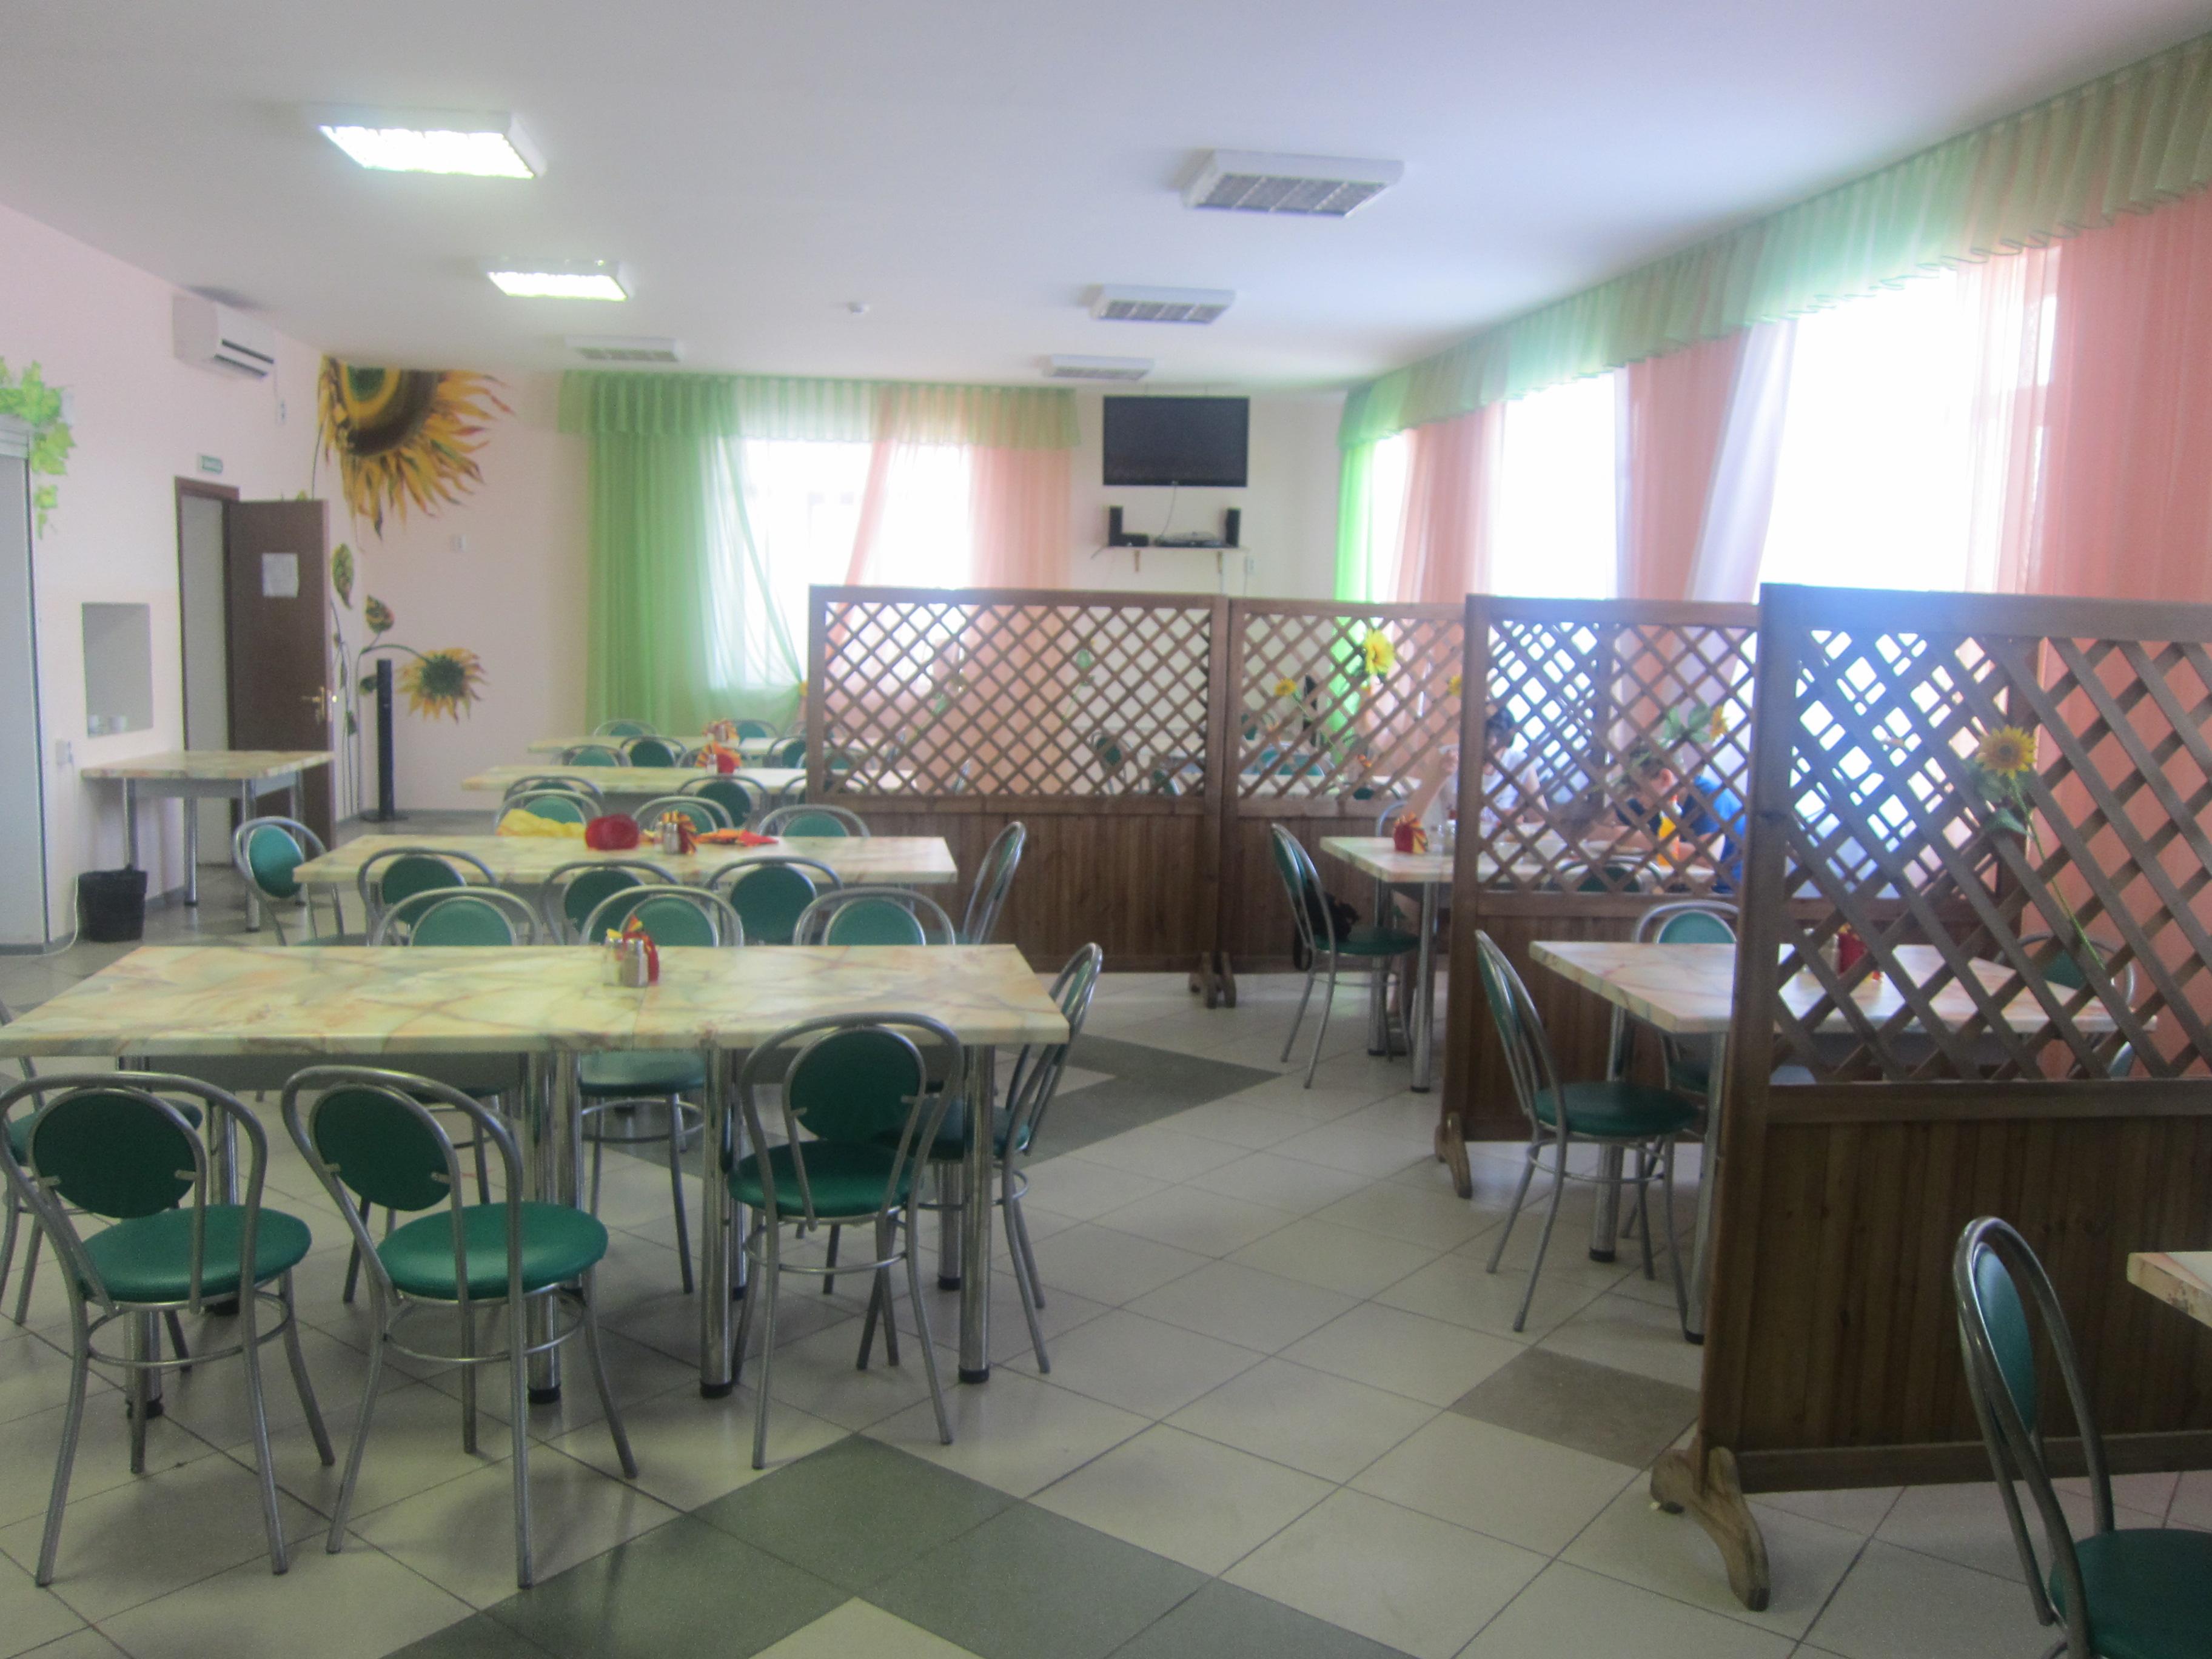 Внутренний интерьер кафе (25.06.2013)